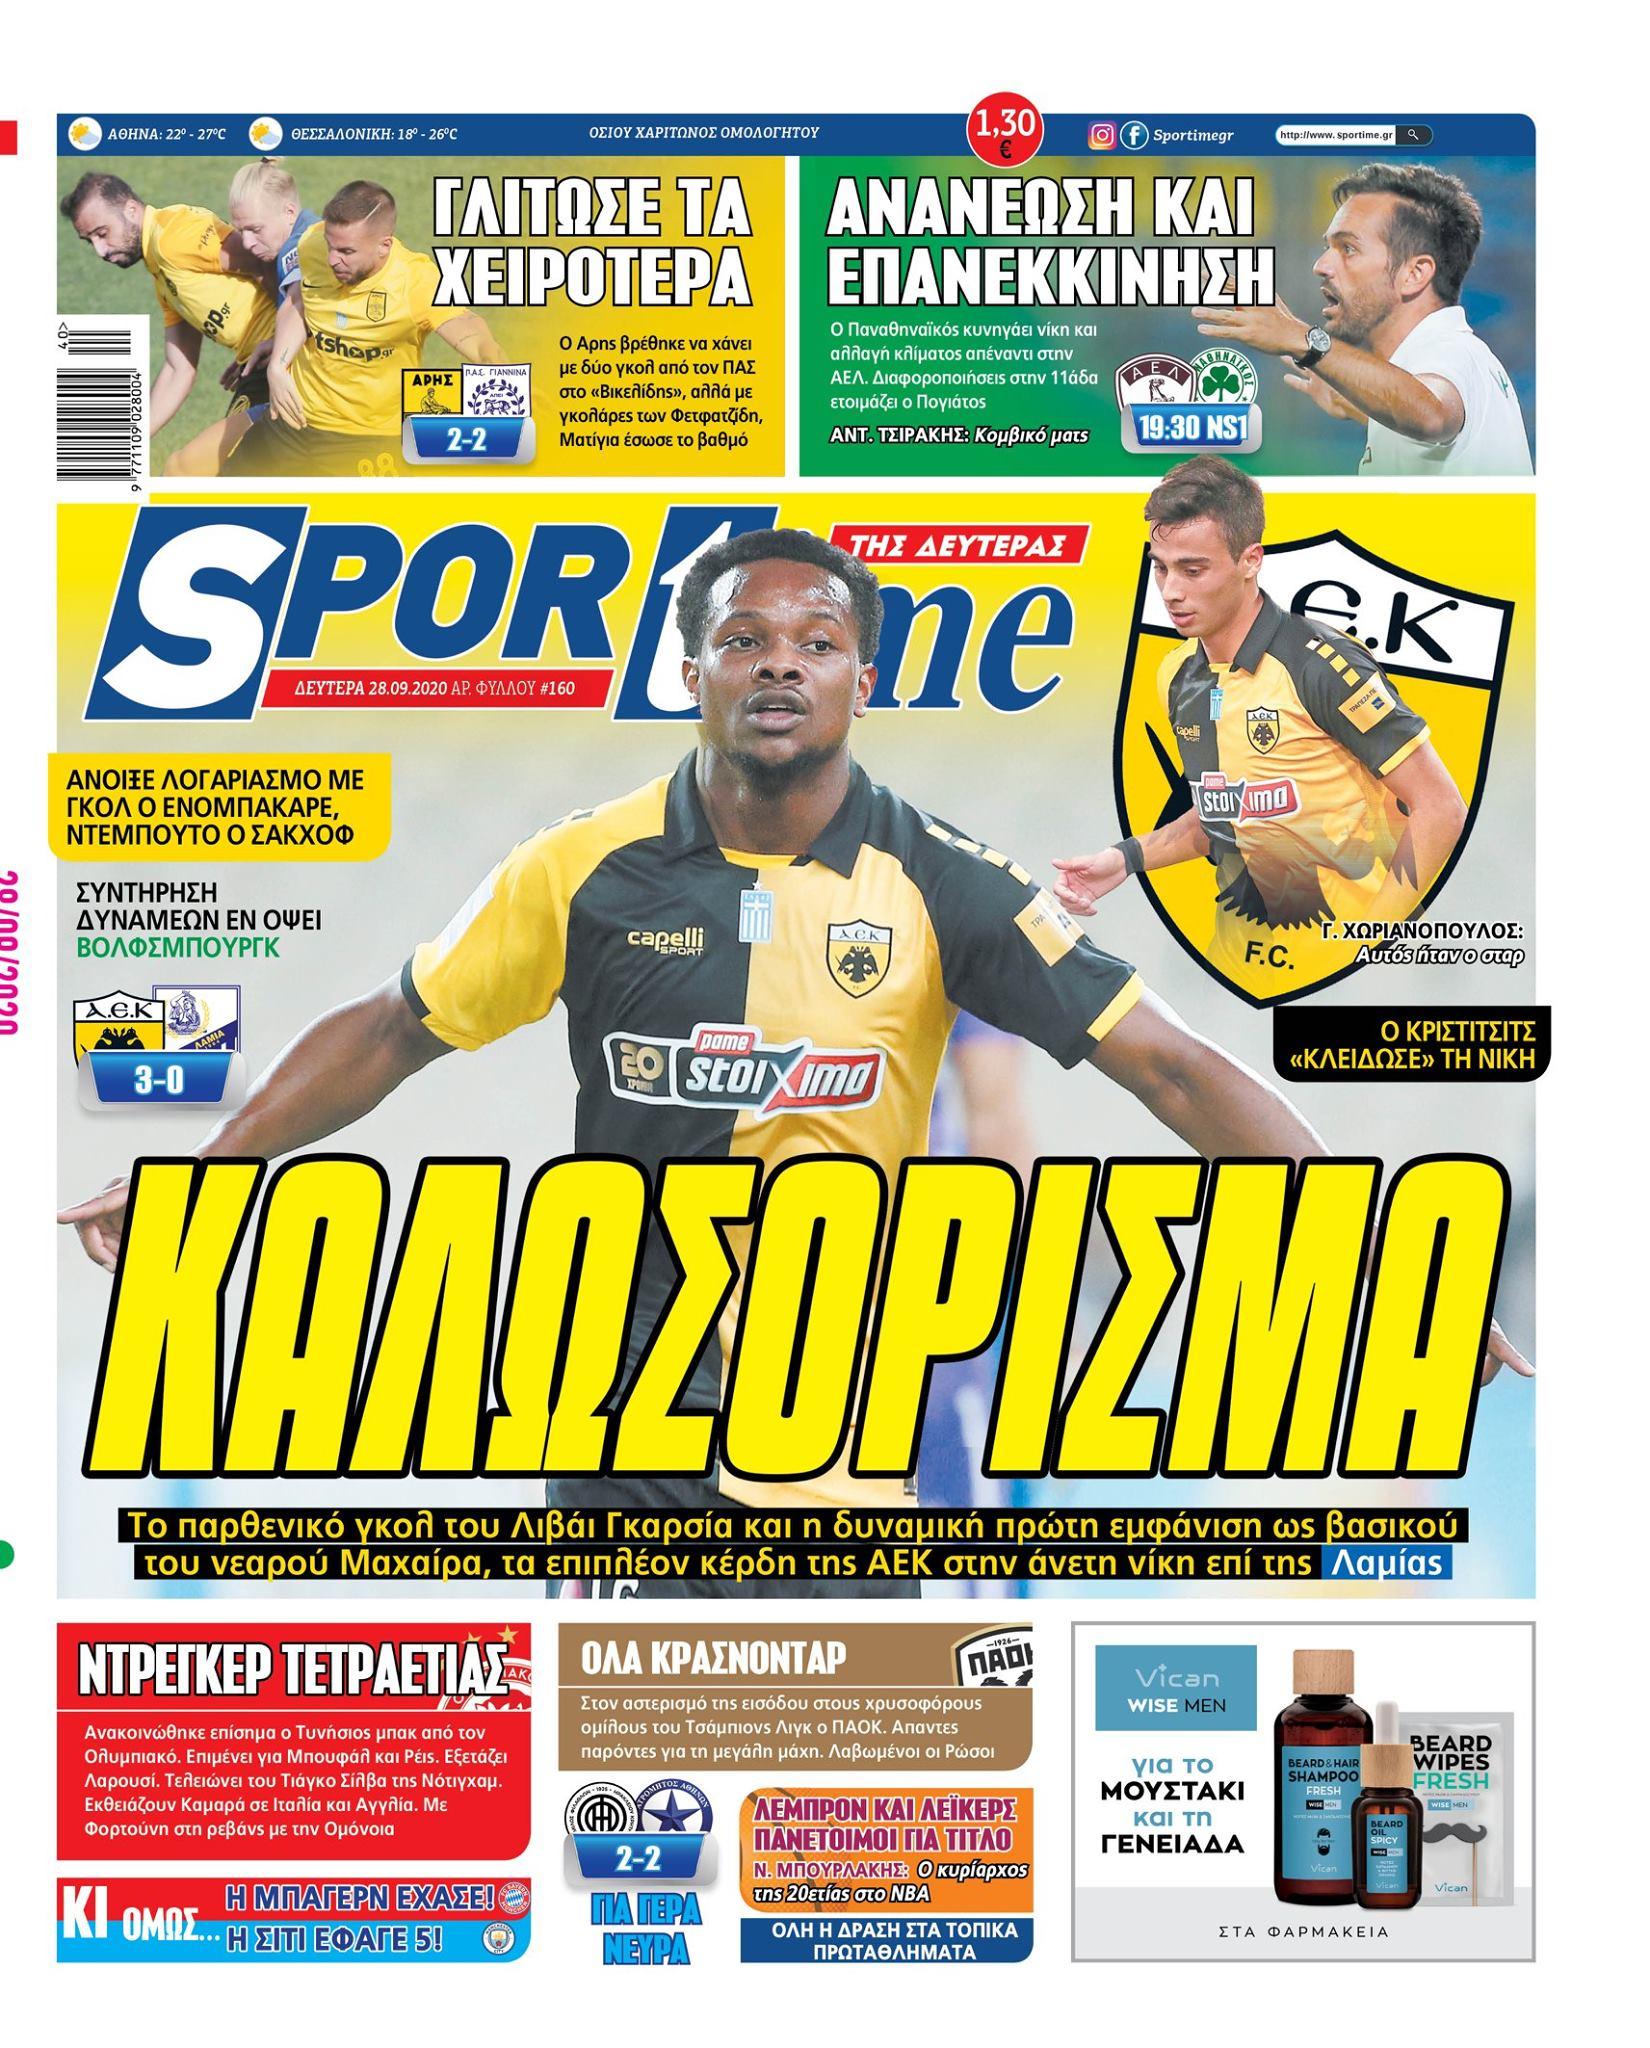 Εφημερίδα SPORTIME - Εξώφυλλο φύλλου 28/9/2020